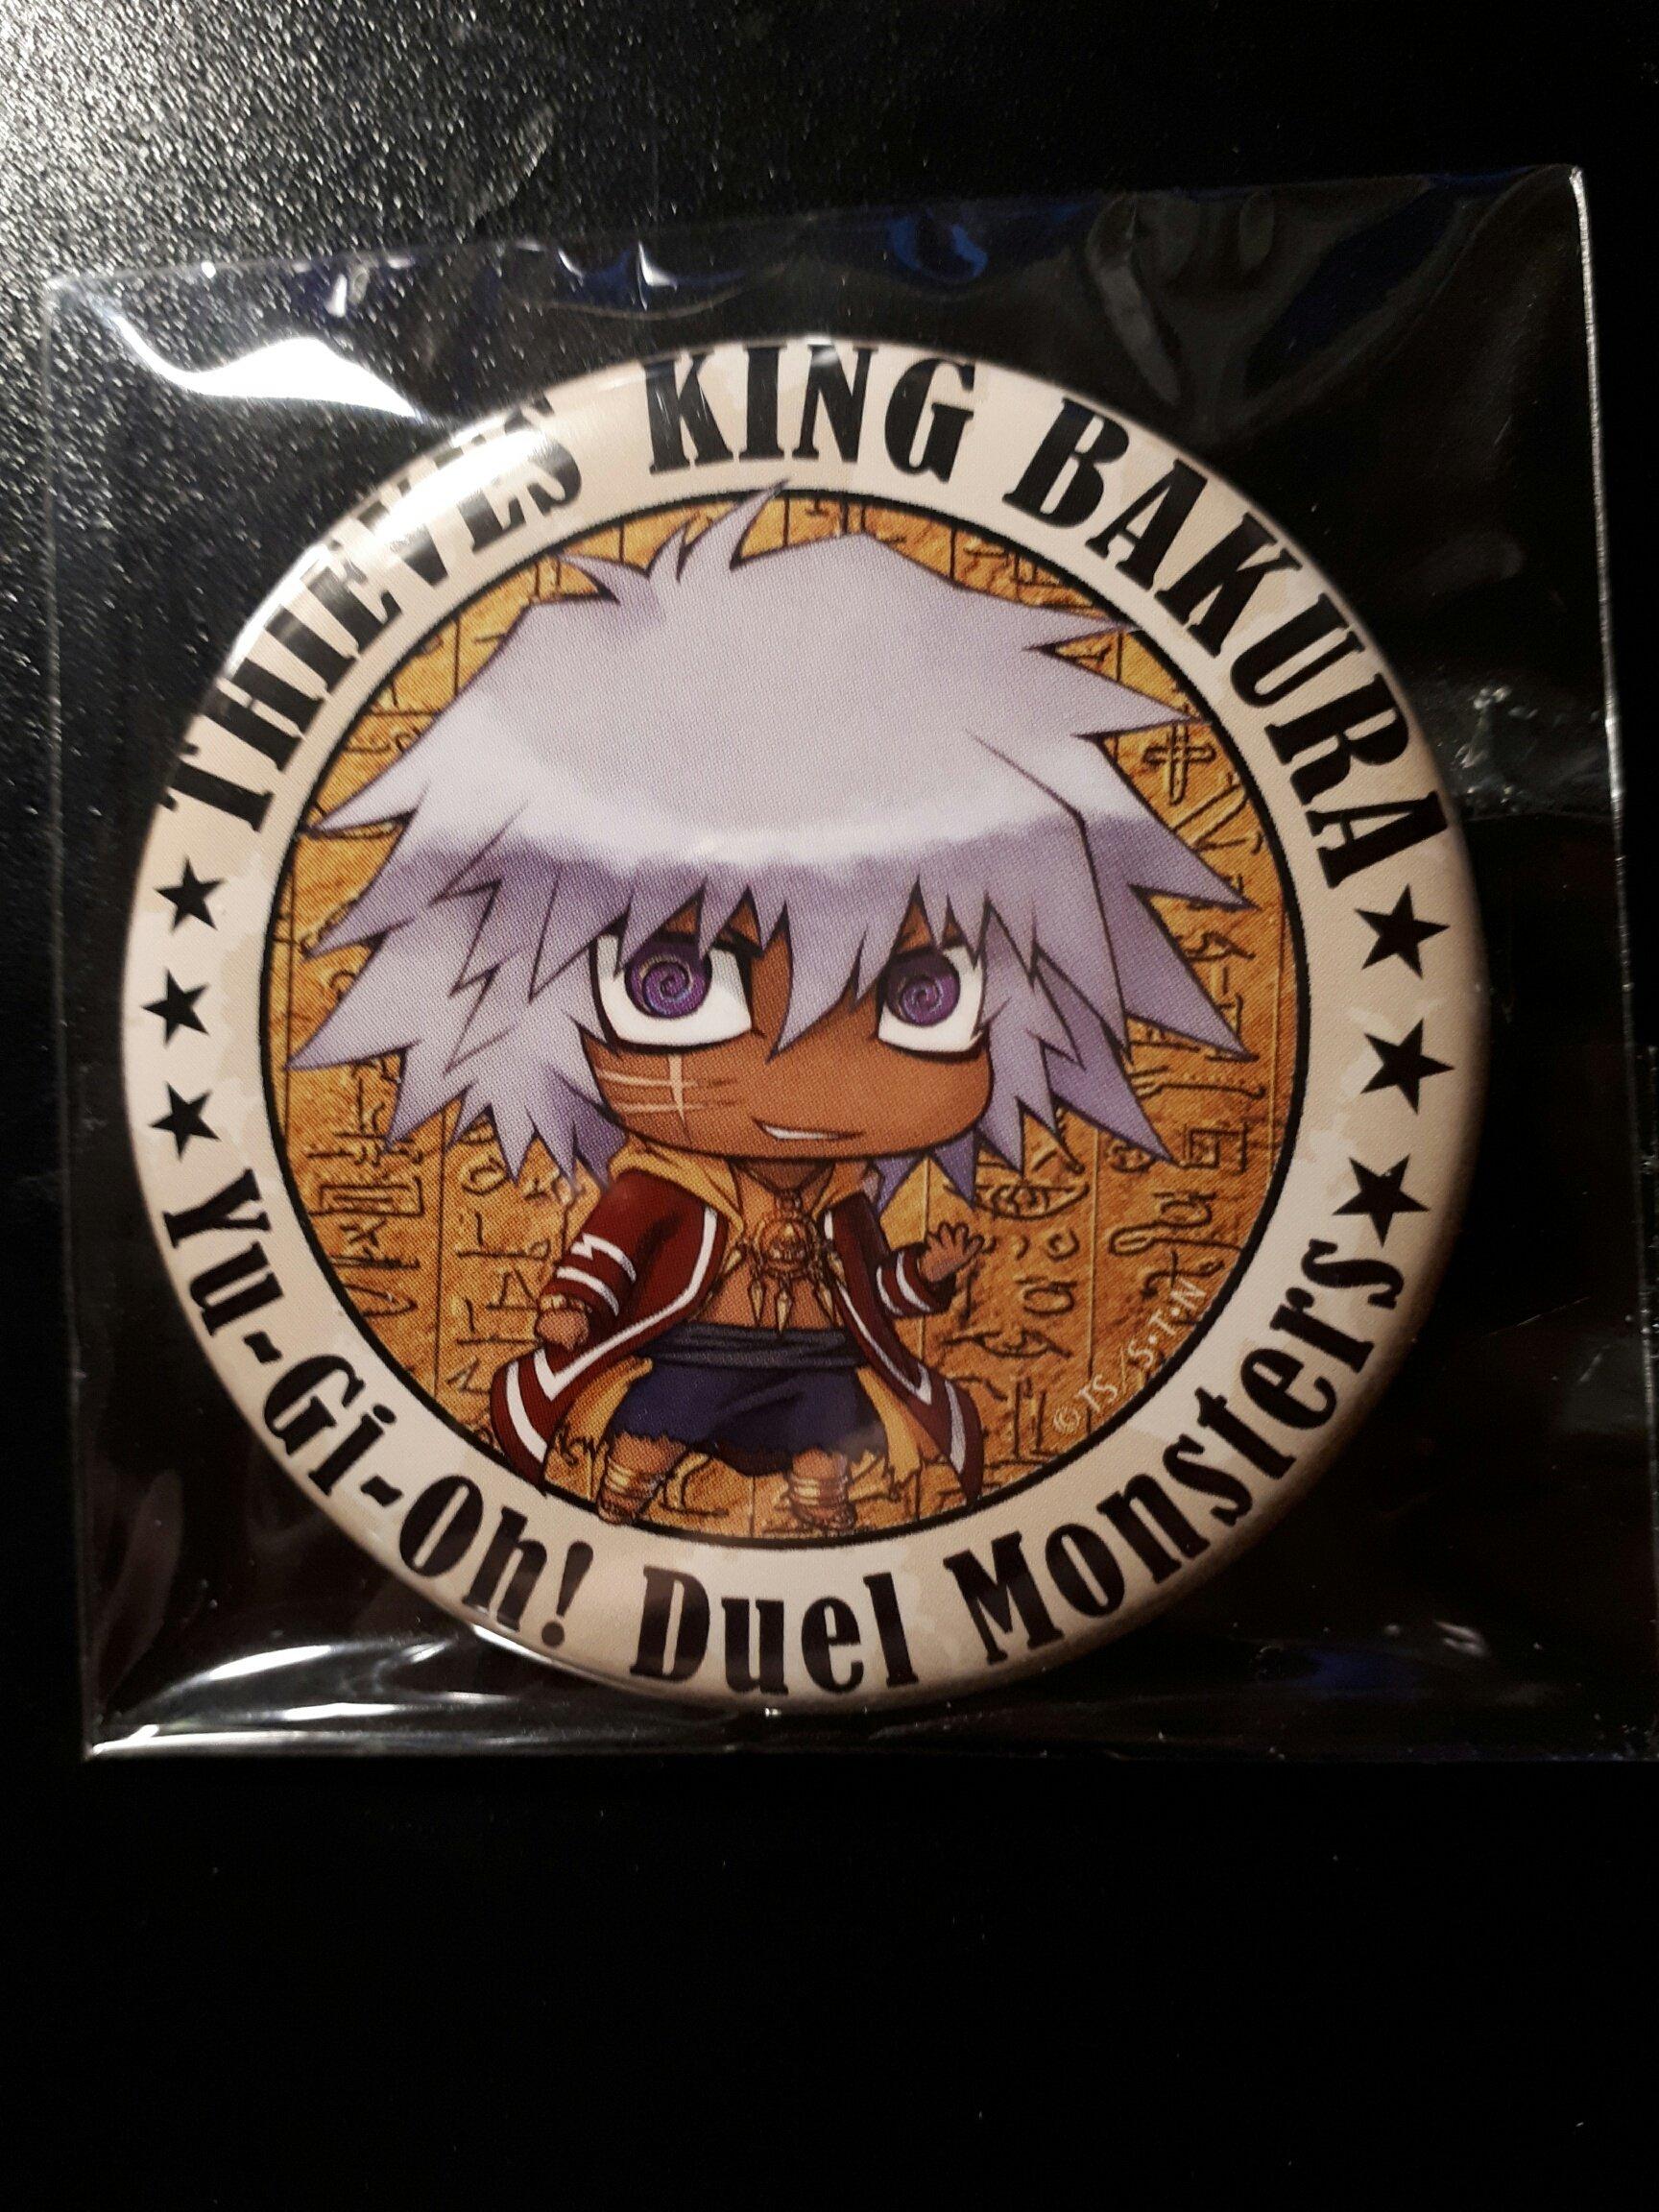 Yu-Gi-Oh! przypinki - Thieves King Bakura